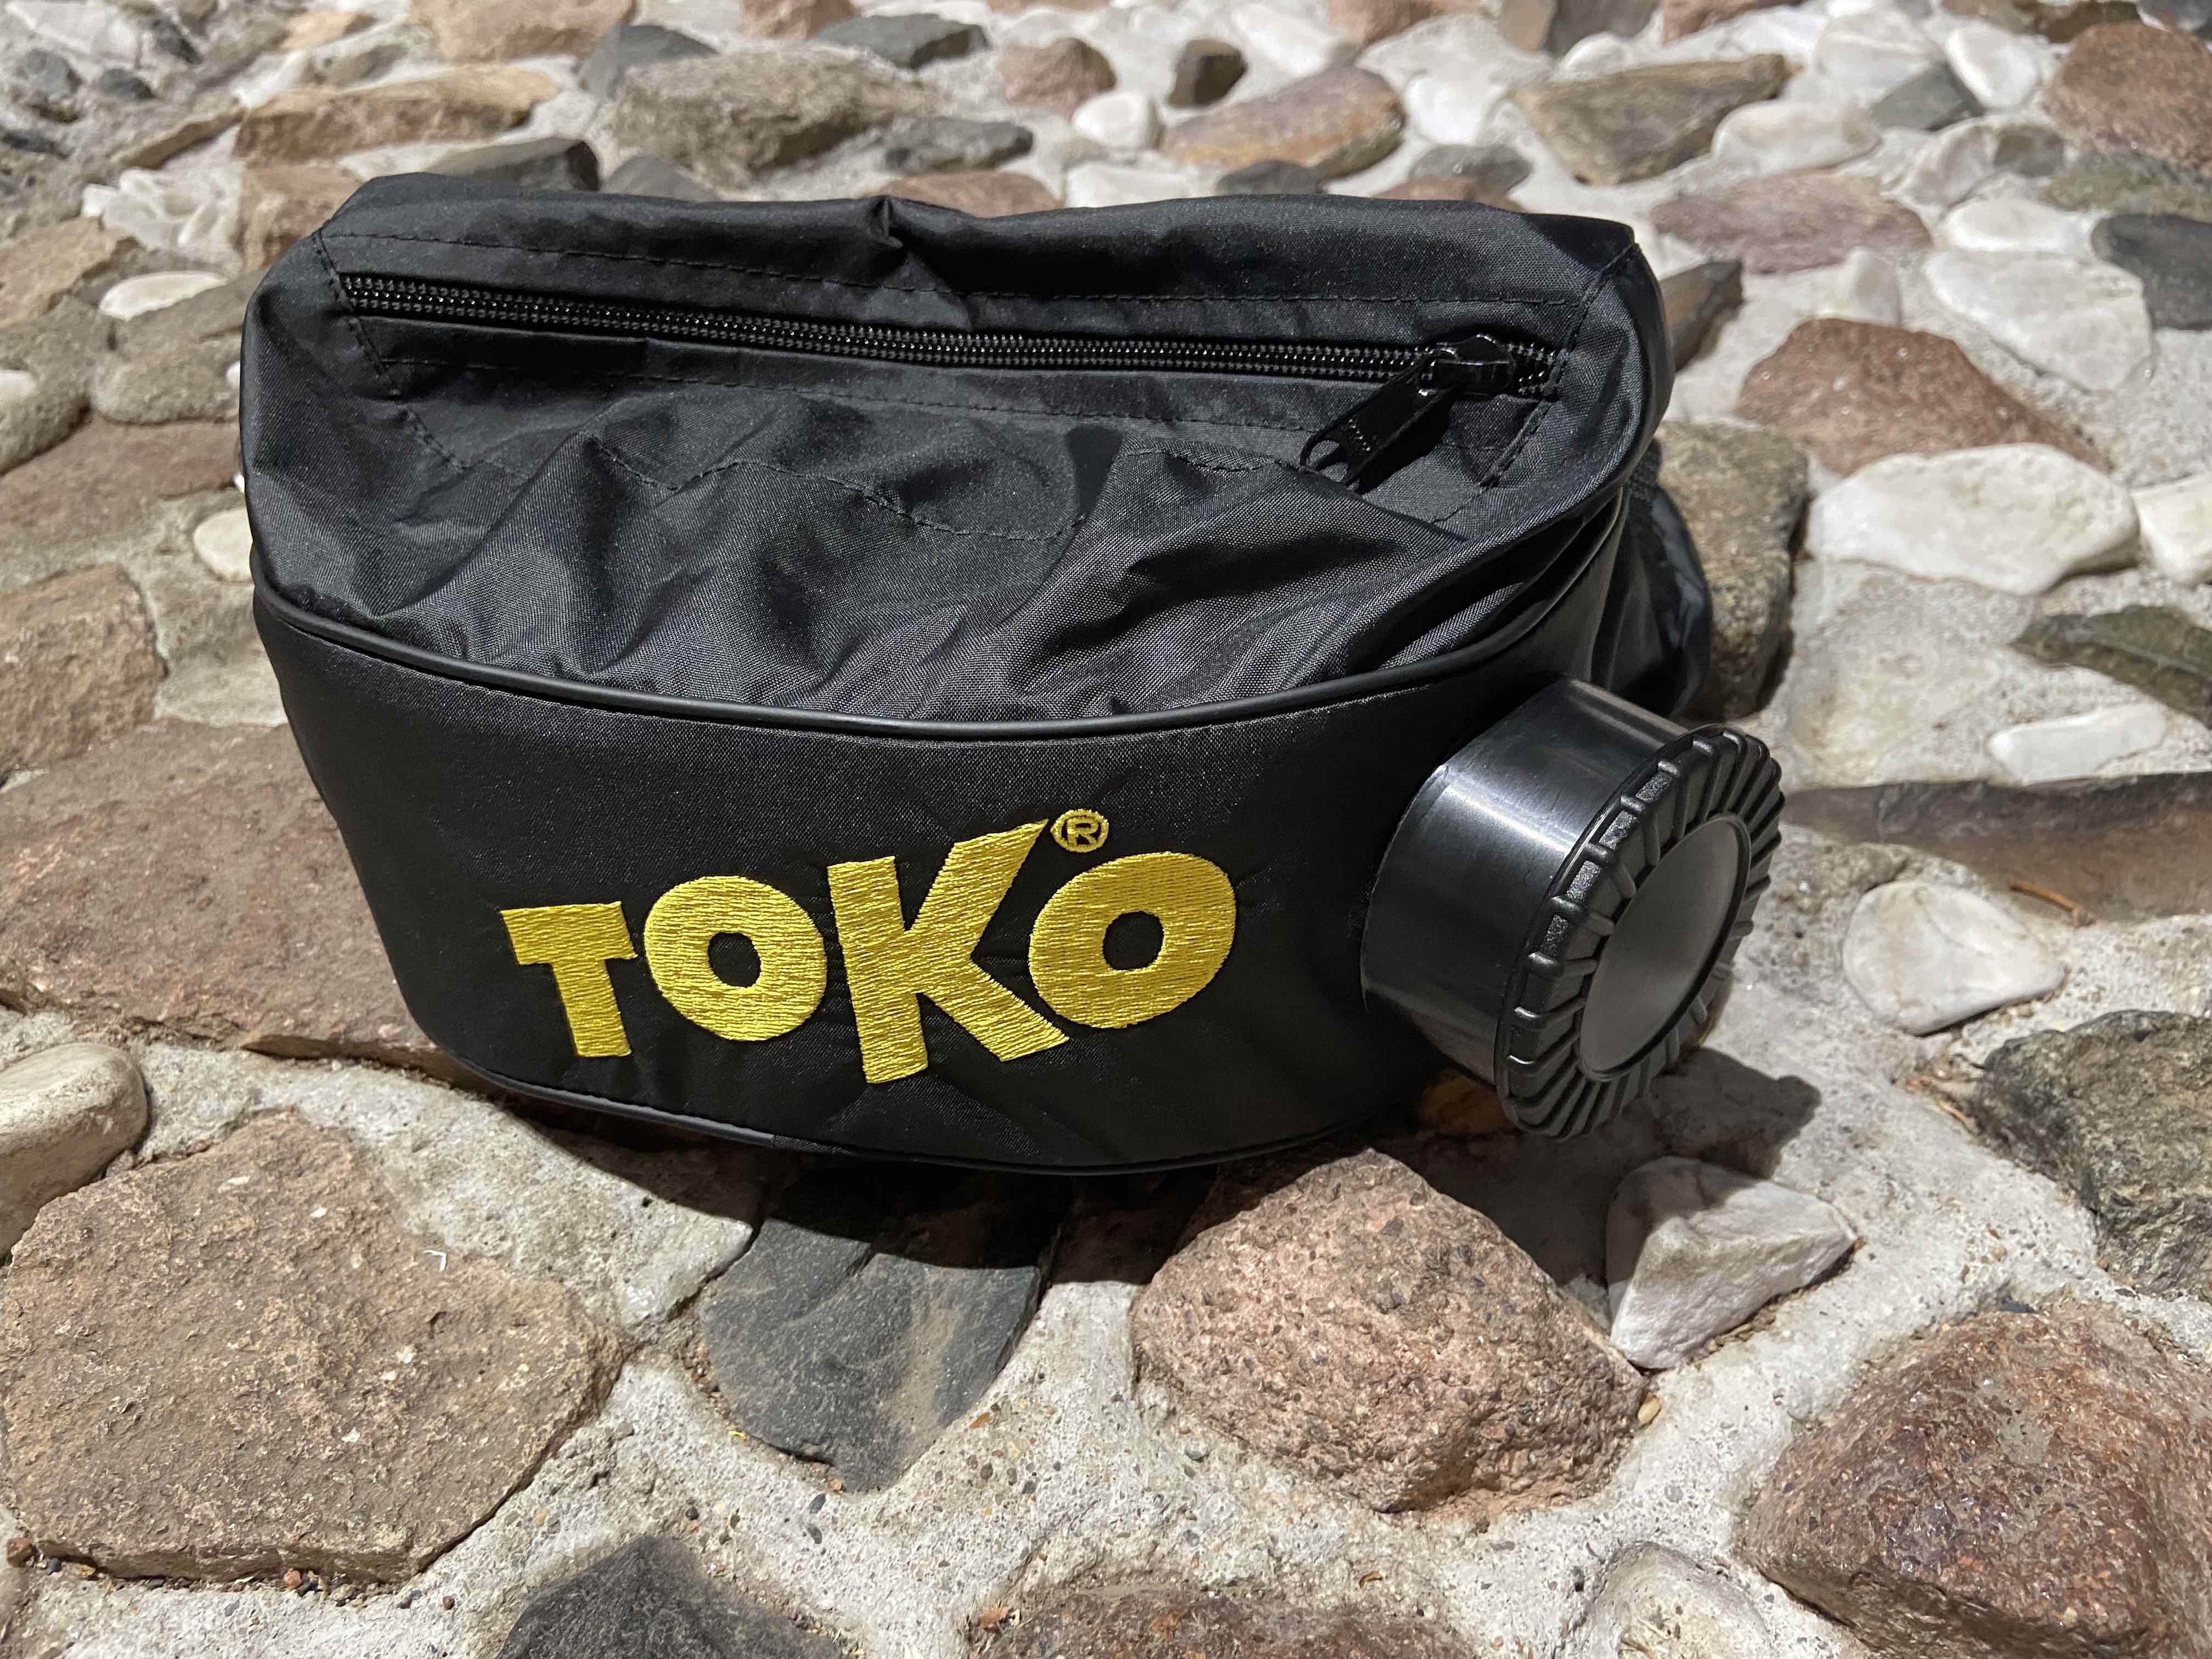 Toko Trinkgurt mit Thermoflasche